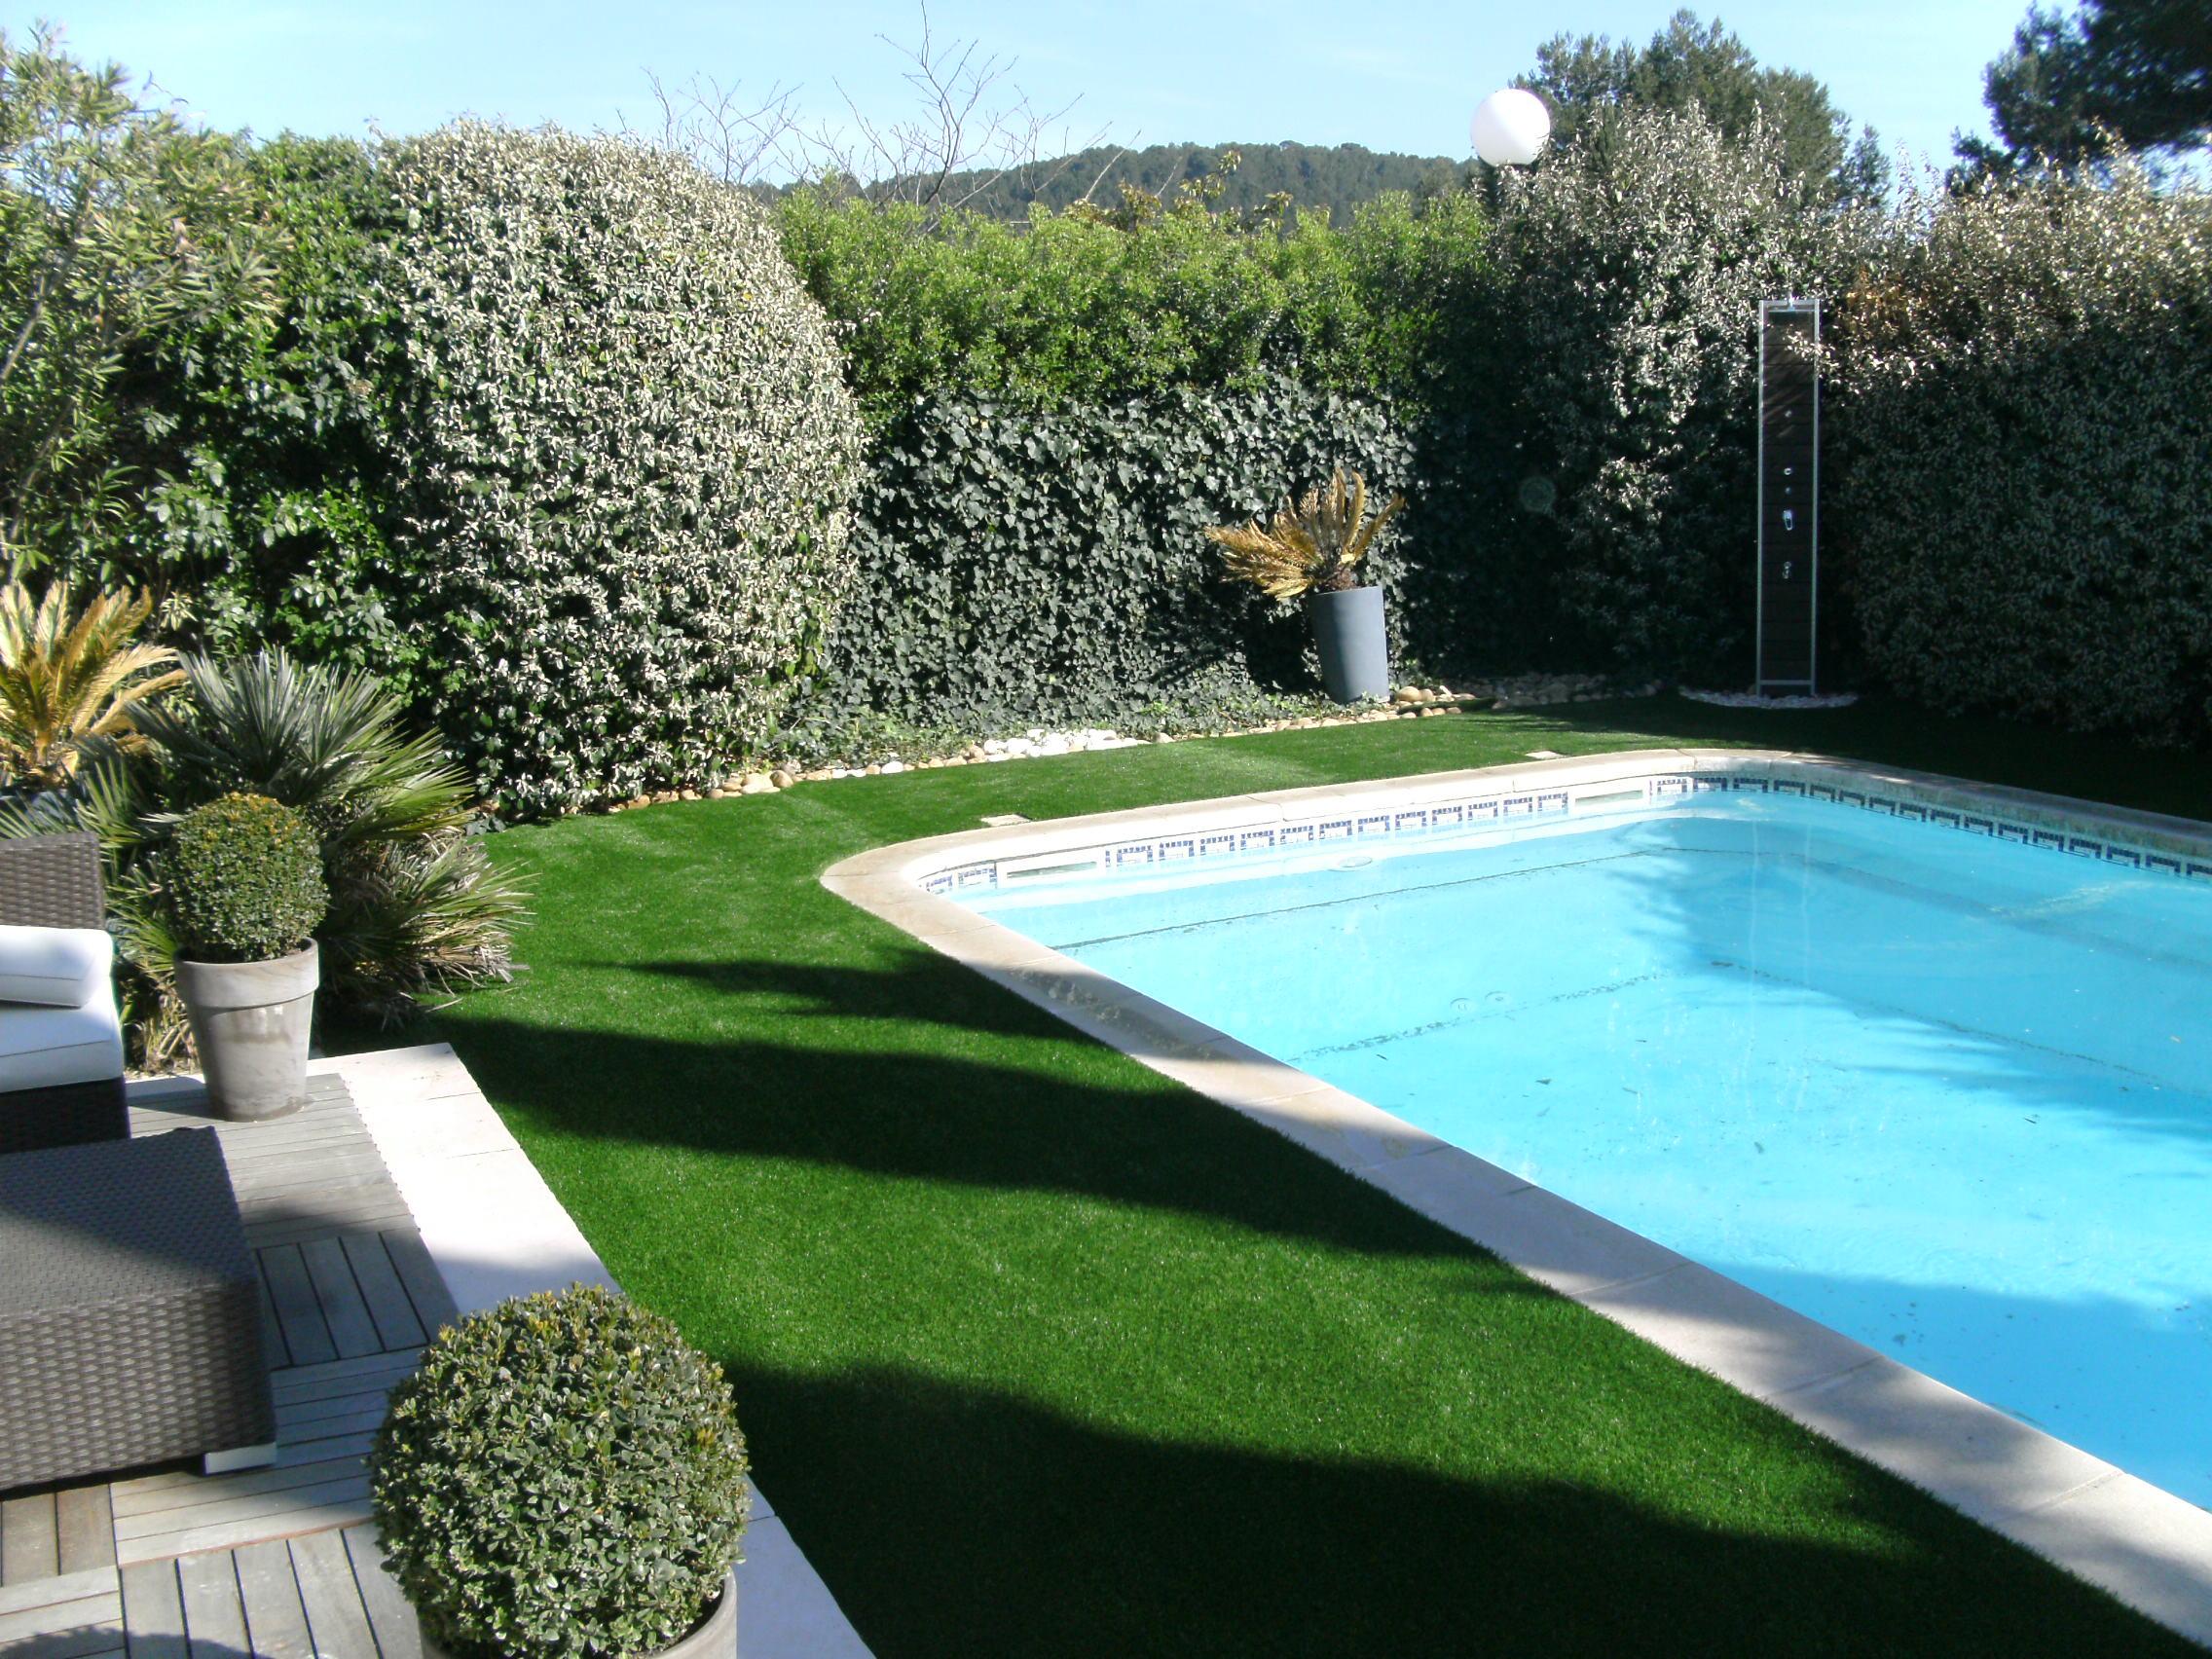 gazon synthetique piscine 1 gazon synth tique pour contour et abord de piscine id e gazon 2272 x. Black Bedroom Furniture Sets. Home Design Ideas